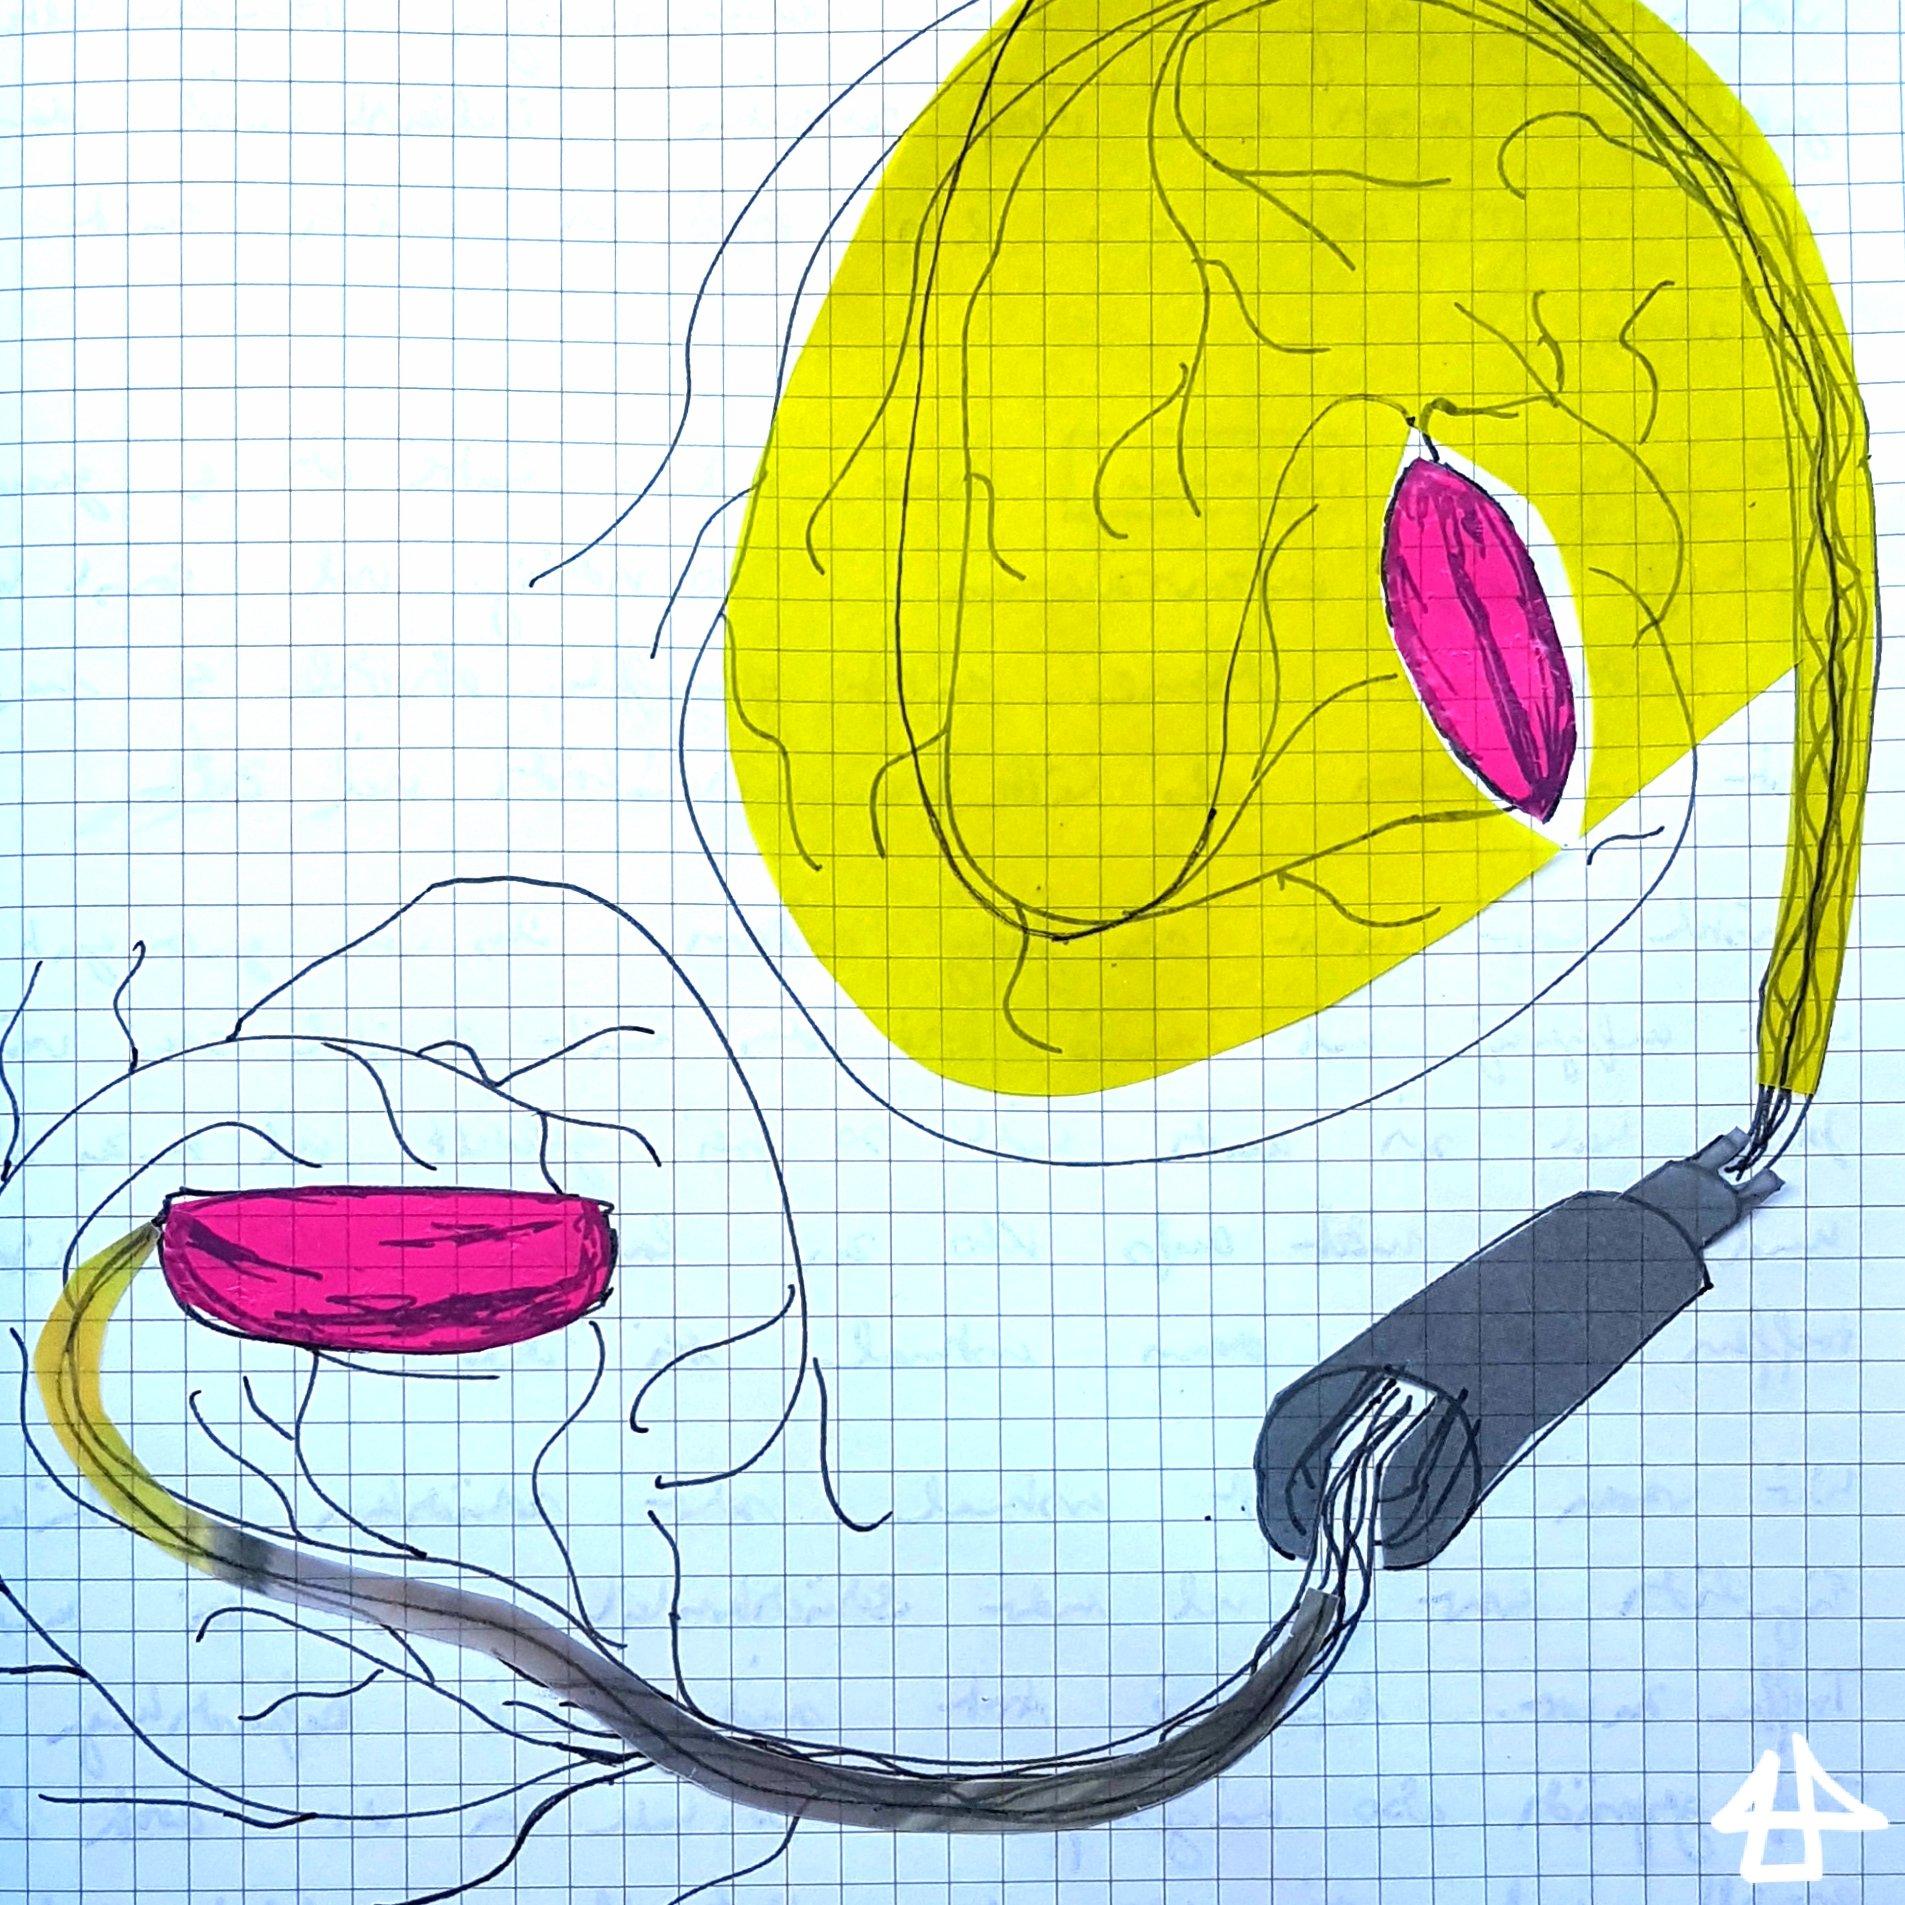 Zeichnung auf kariertem Papier. Längliche pinke Kirschkerne, die miteinander verbunden sind. Dazu gelbe Flächen.